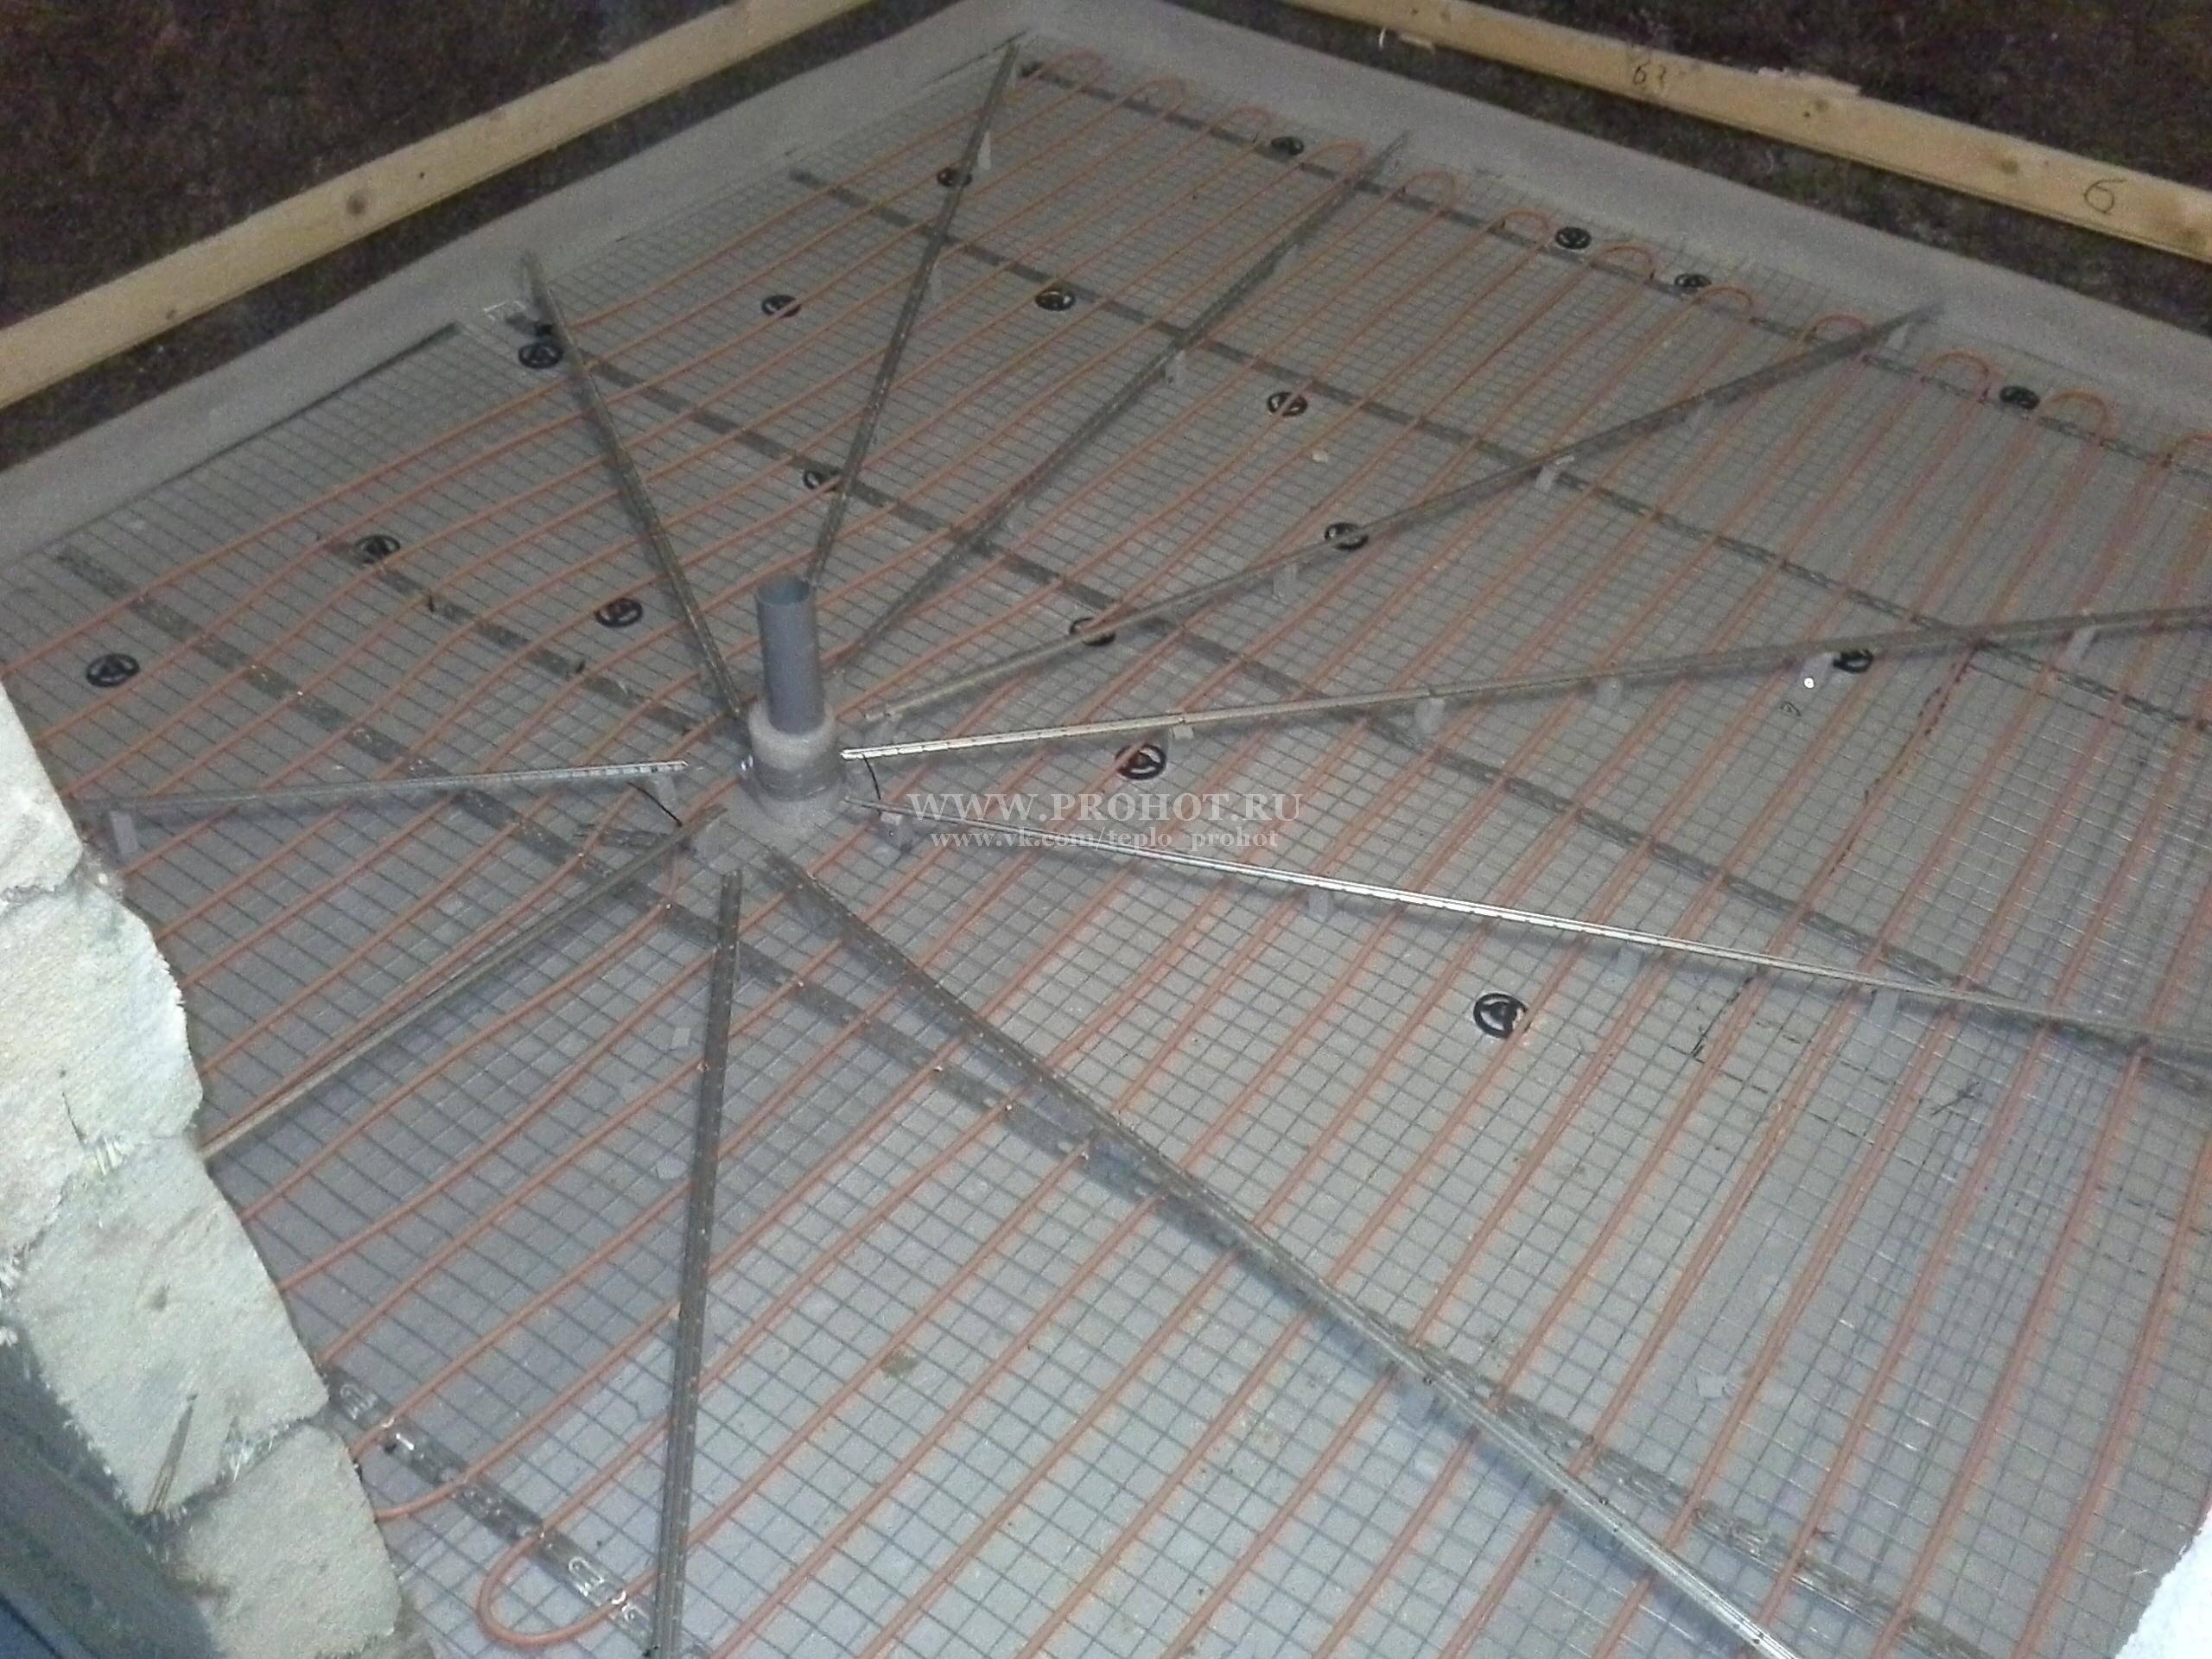 Теплый пол по грунту в частном доме: схема устройства водяного теплого пола, конструкция., как сделать слои своими руками, состав пола с водяным отоплением